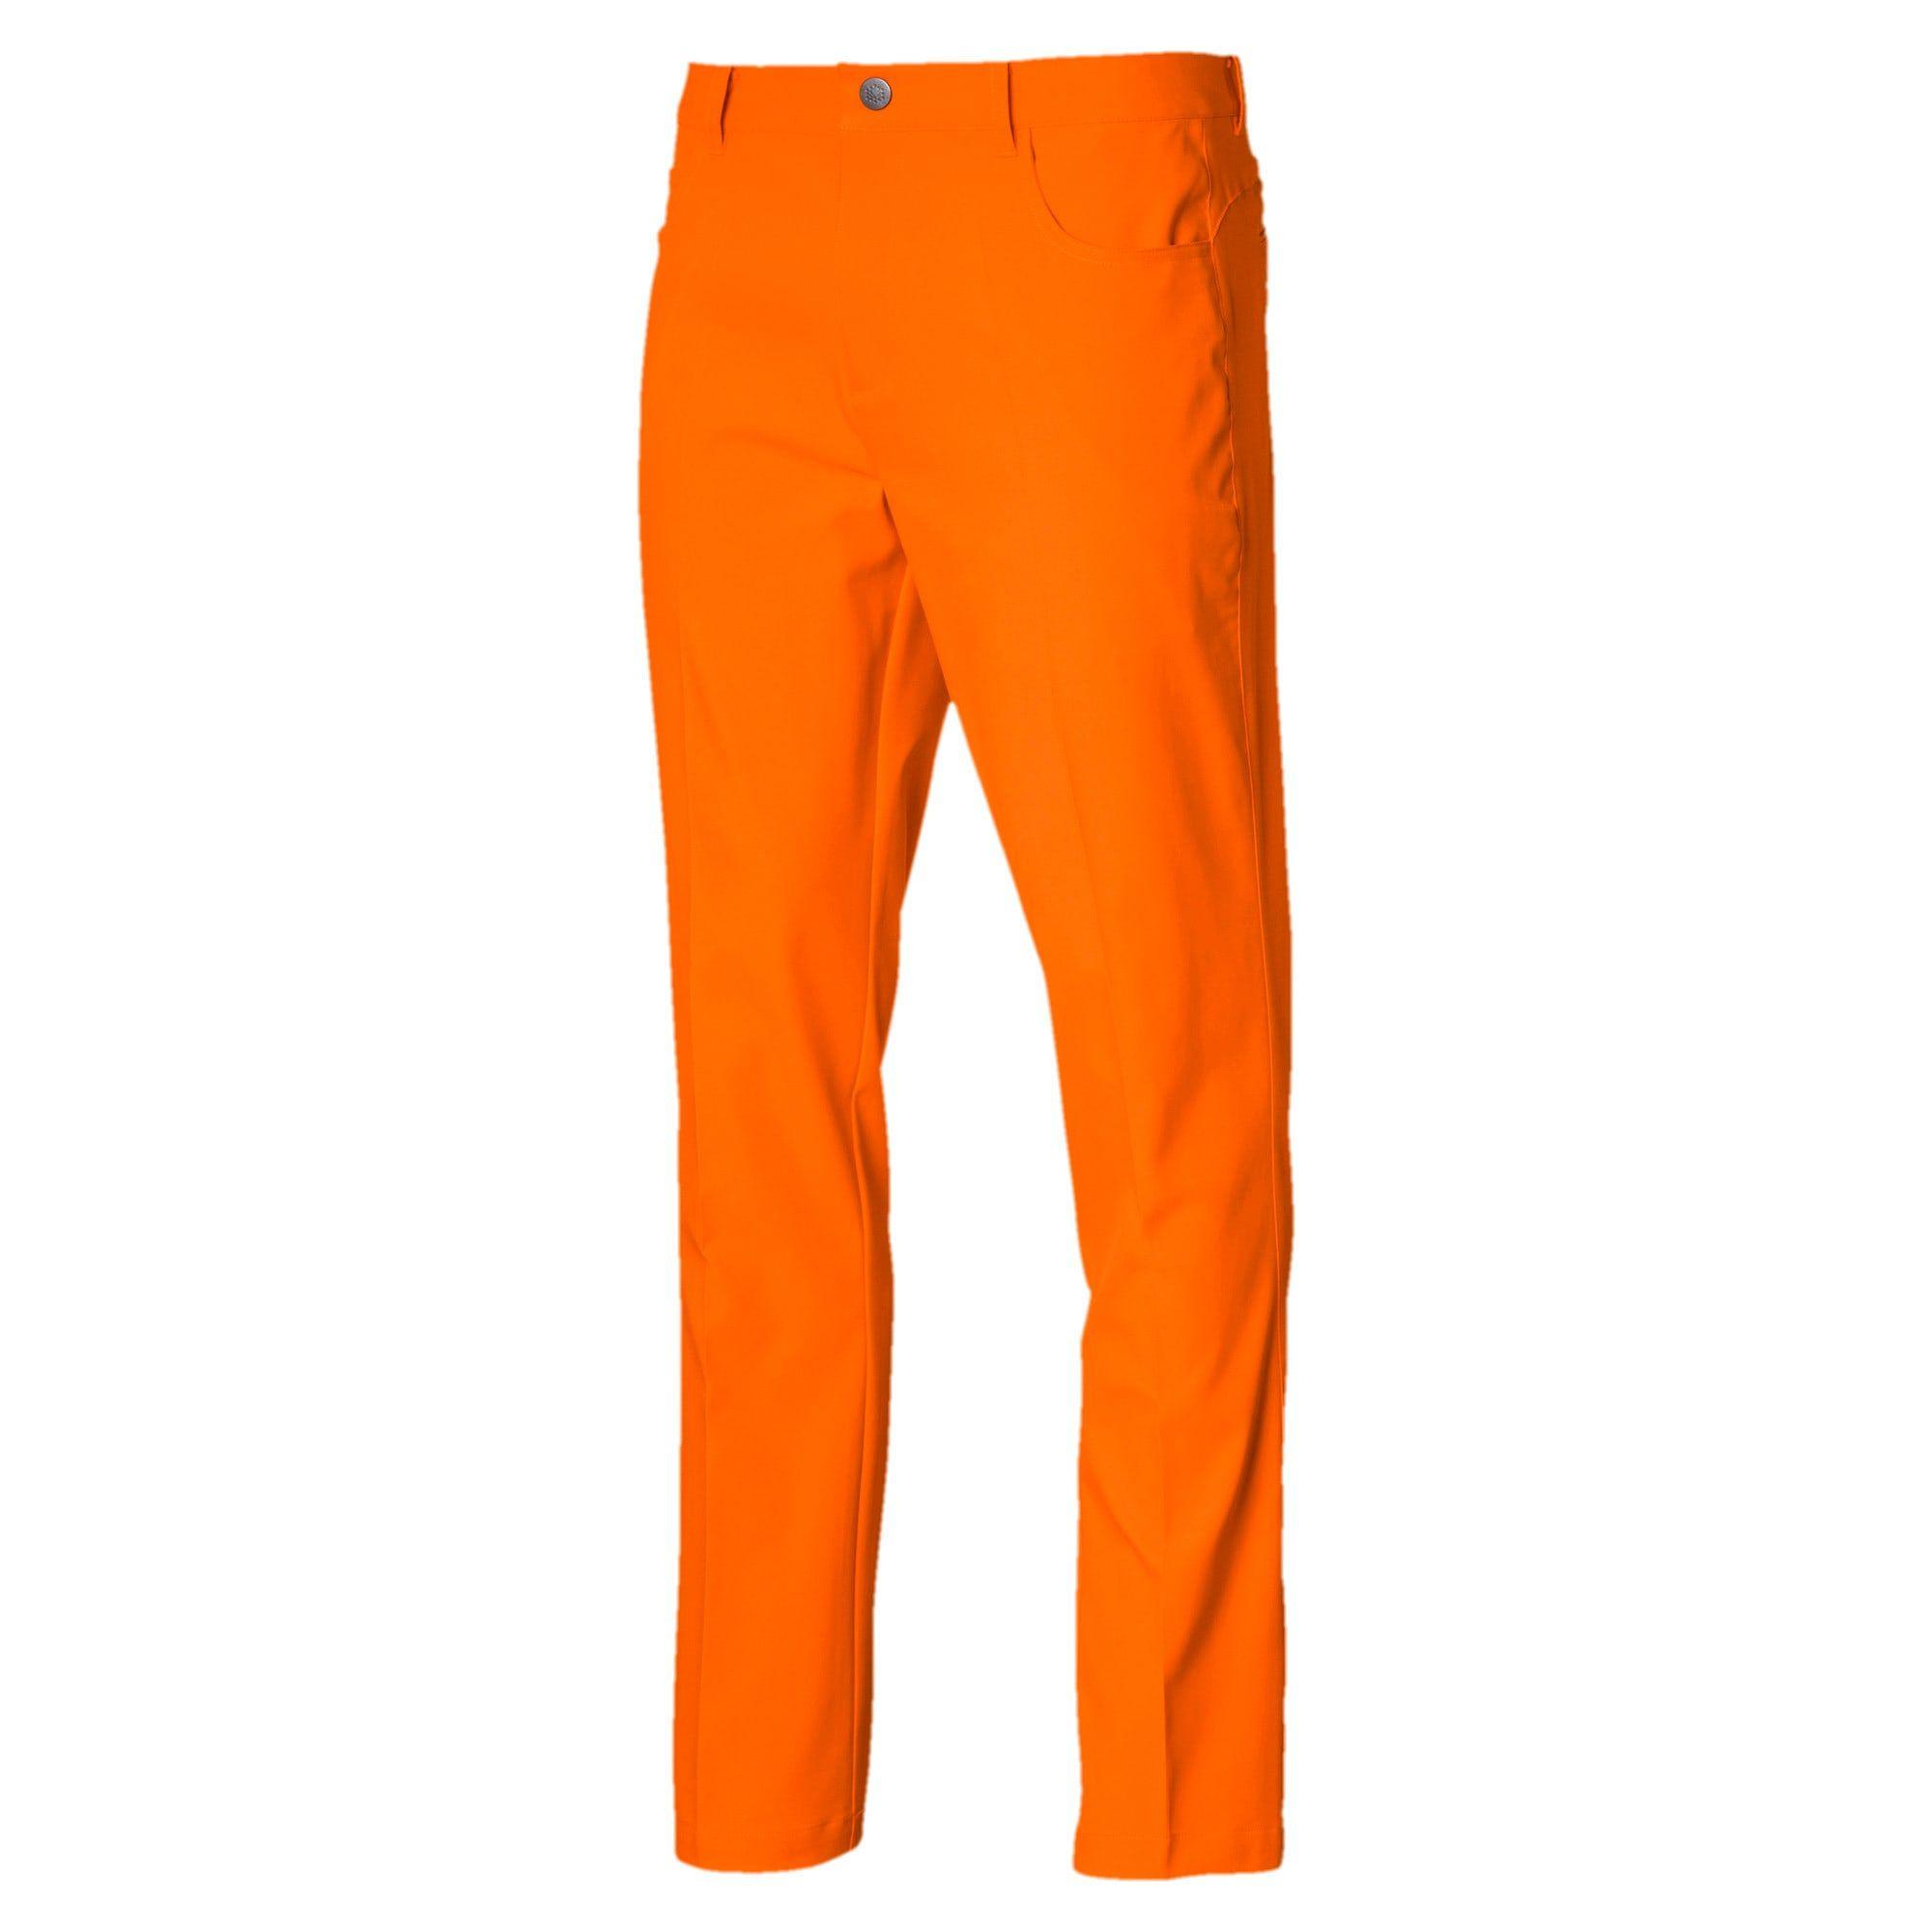 PUMA Pantalon tissé Jackpot 5 Pocket Golf pour Homme, Orange, Taille 32/30